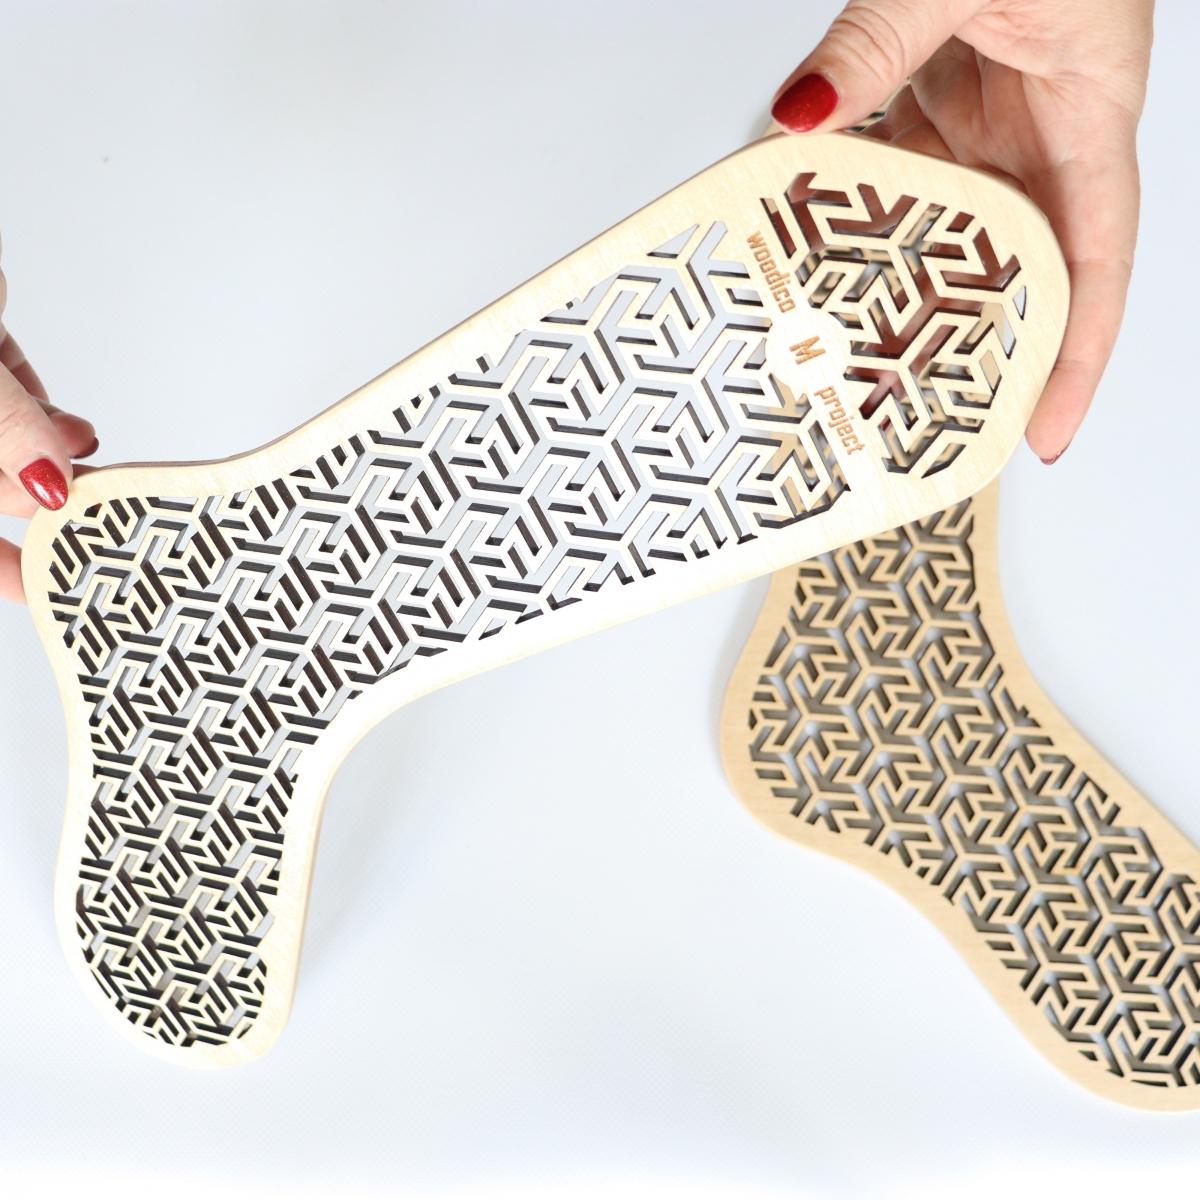 woodico.pro wooden sock blockers arrows 1 1200x1200 - Wooden sock blockers / Arrows